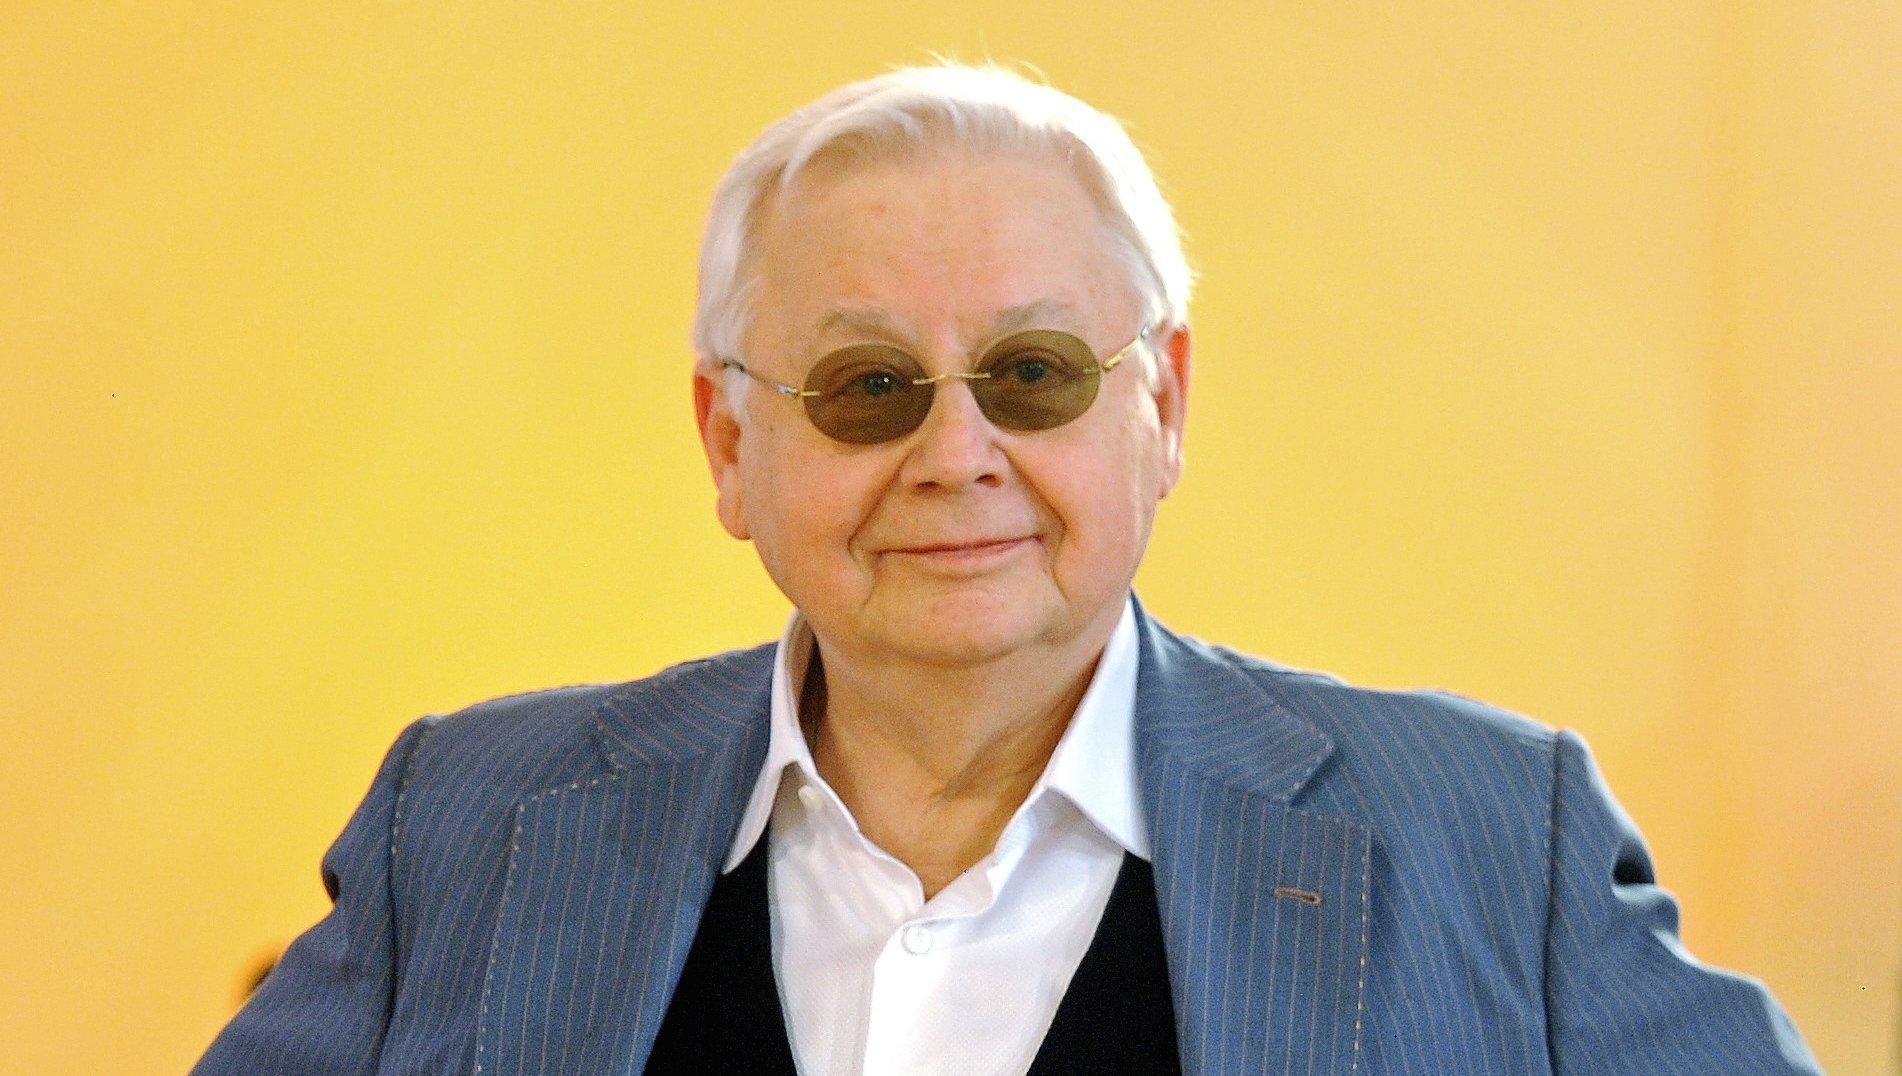 Старший сын Олега Табакова Антон сказал, что отец находится встабильном состоянии